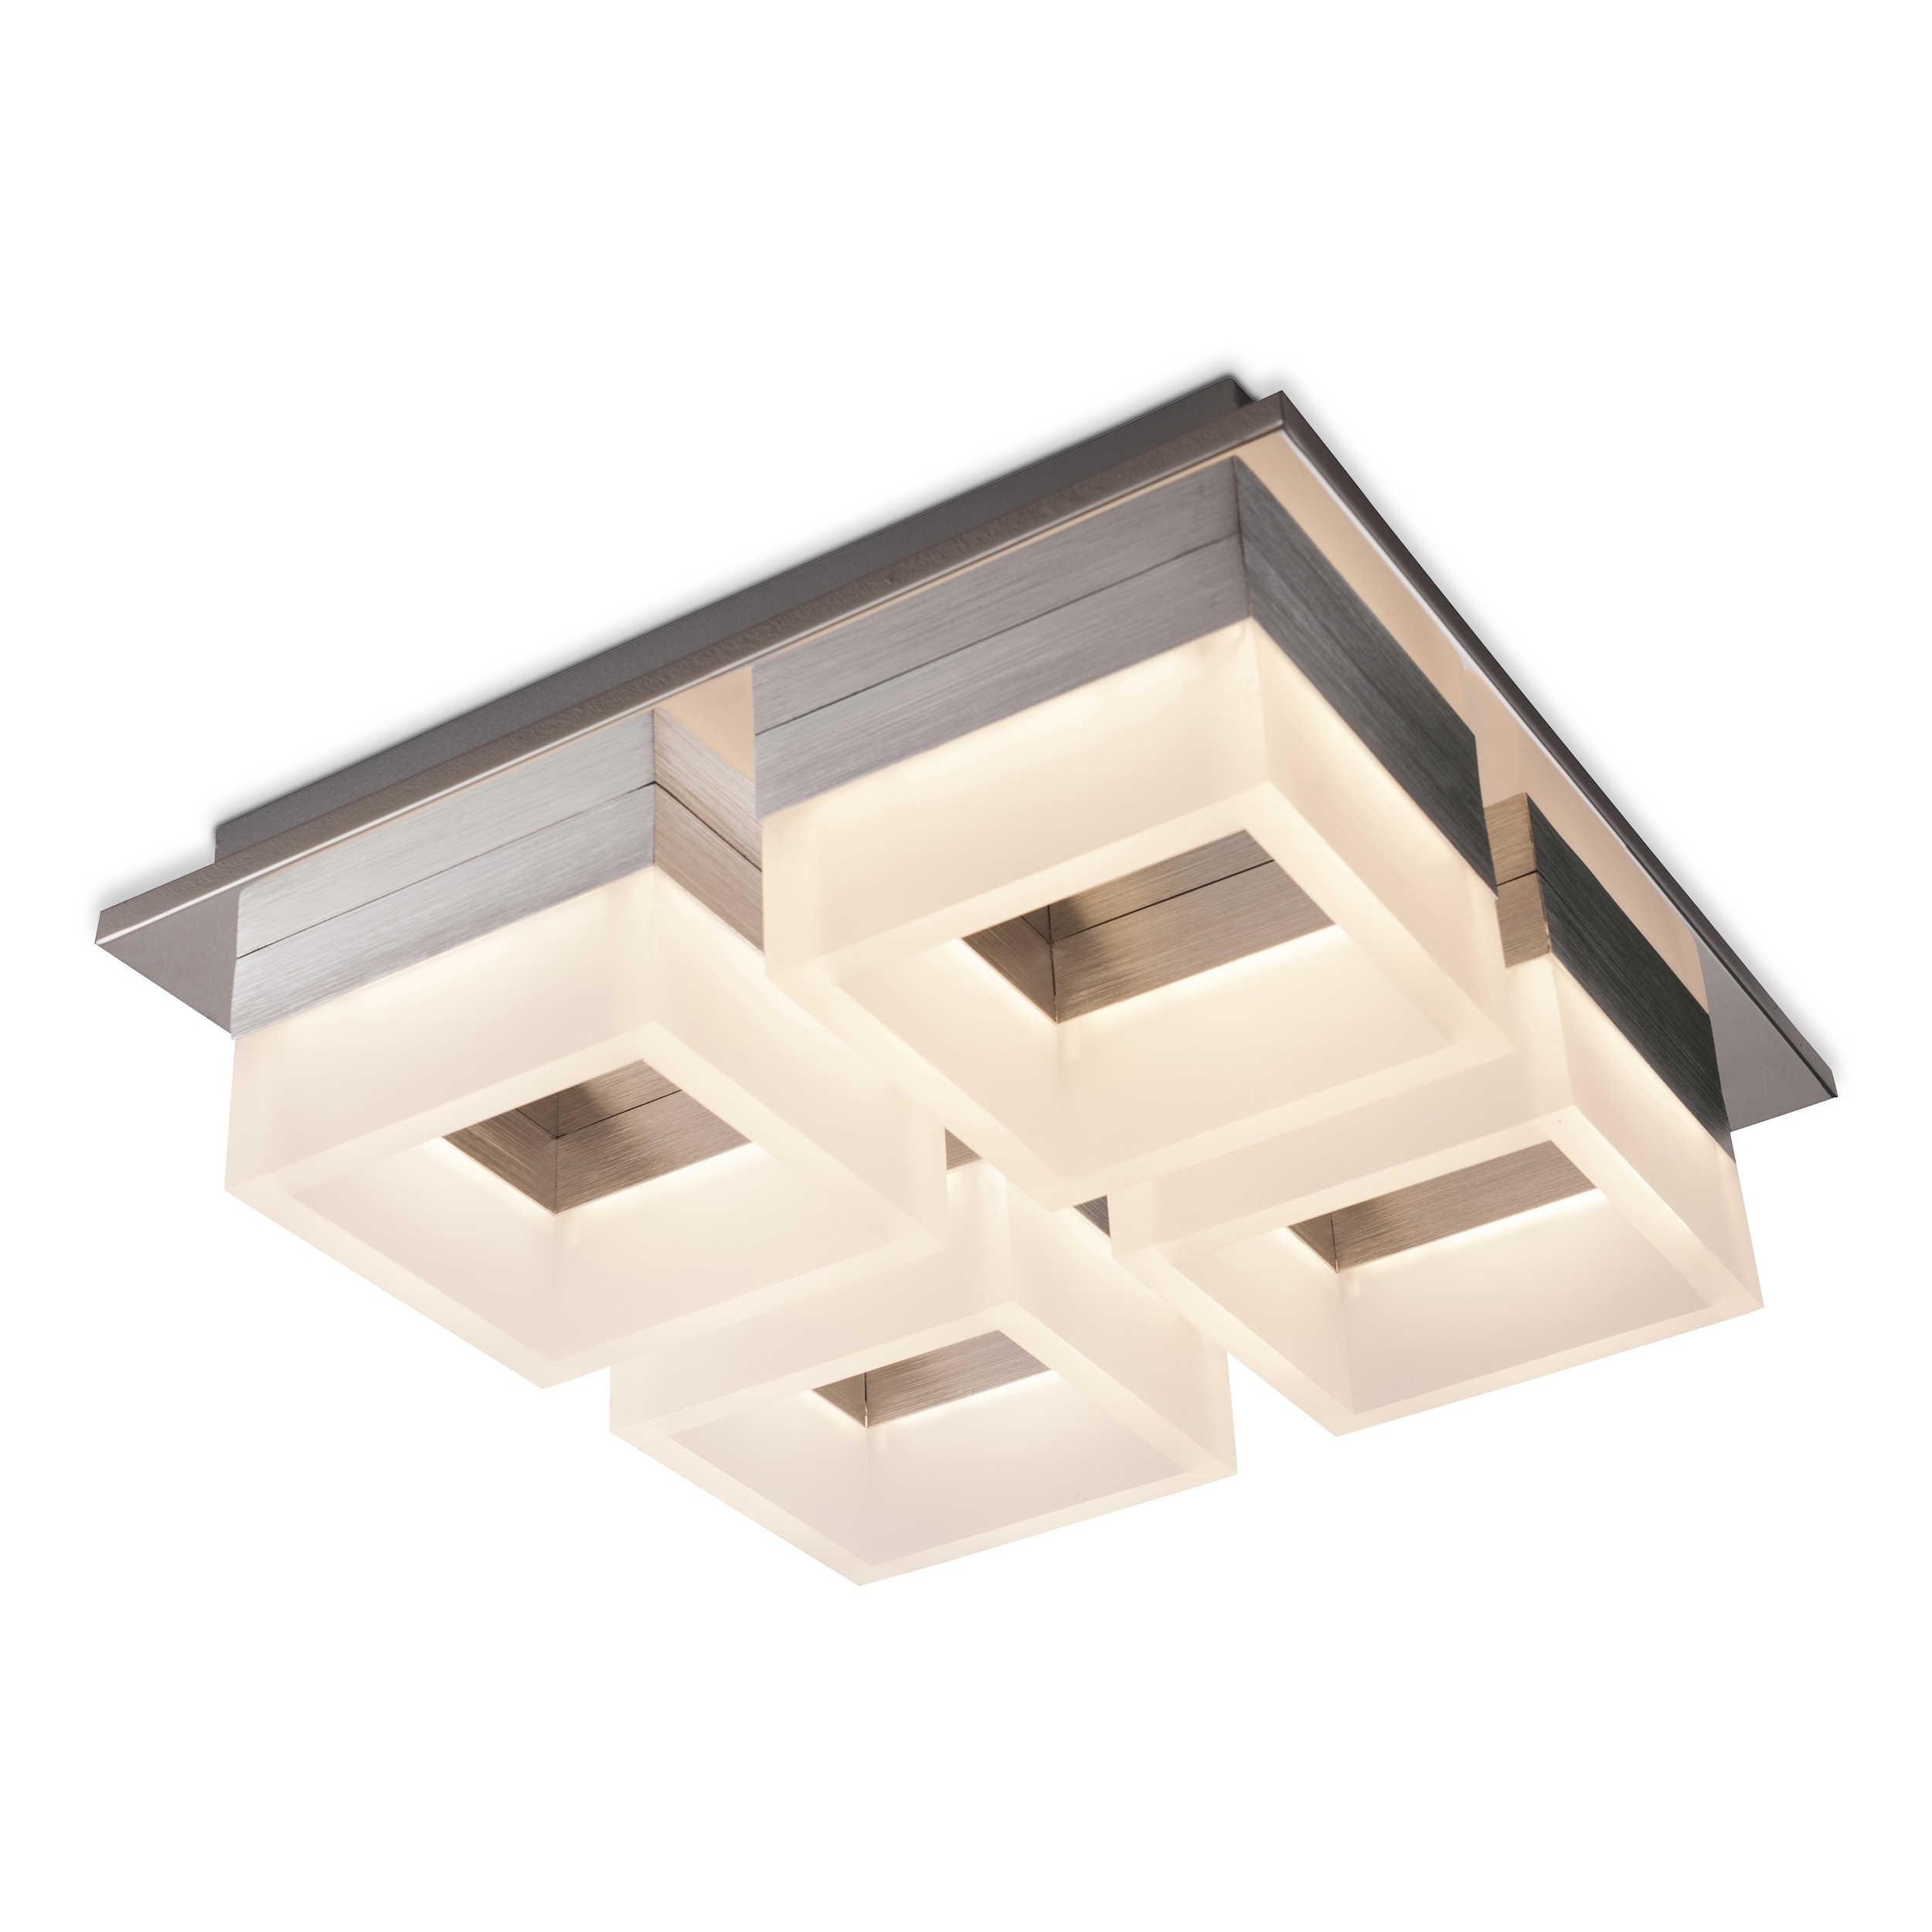 Designer Deckenleuchte Roma 30 Kaufen: DesignLive LED-Deckenleuchte Altai A+ Chrom Chrom,Alu